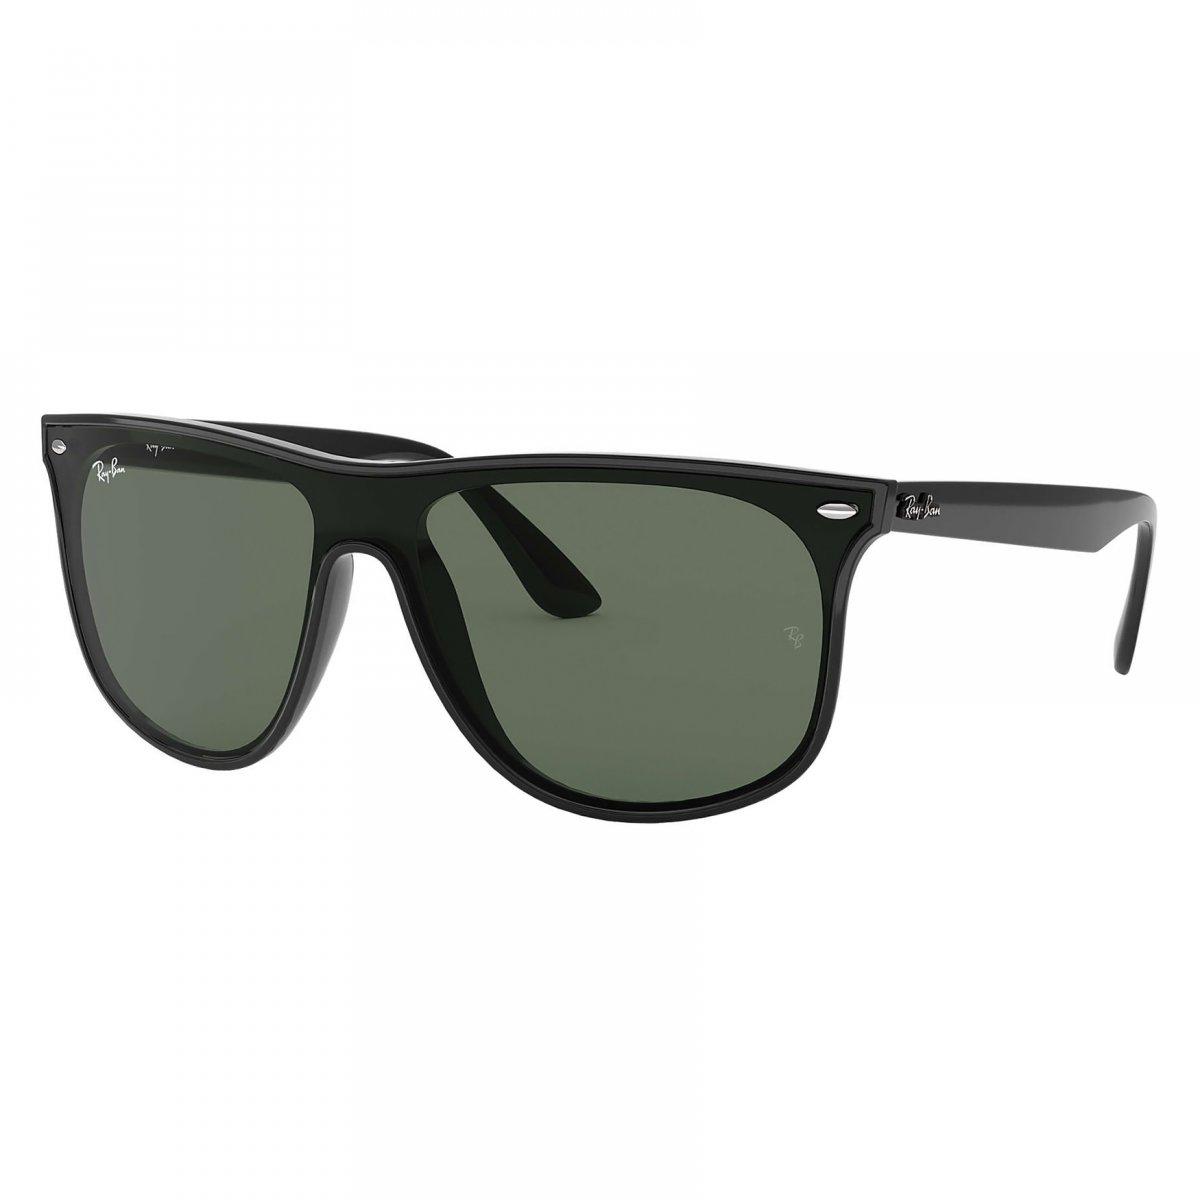 2aec4361752b2 Óculos de Sol Ray Ban RB4447N-601 71 40